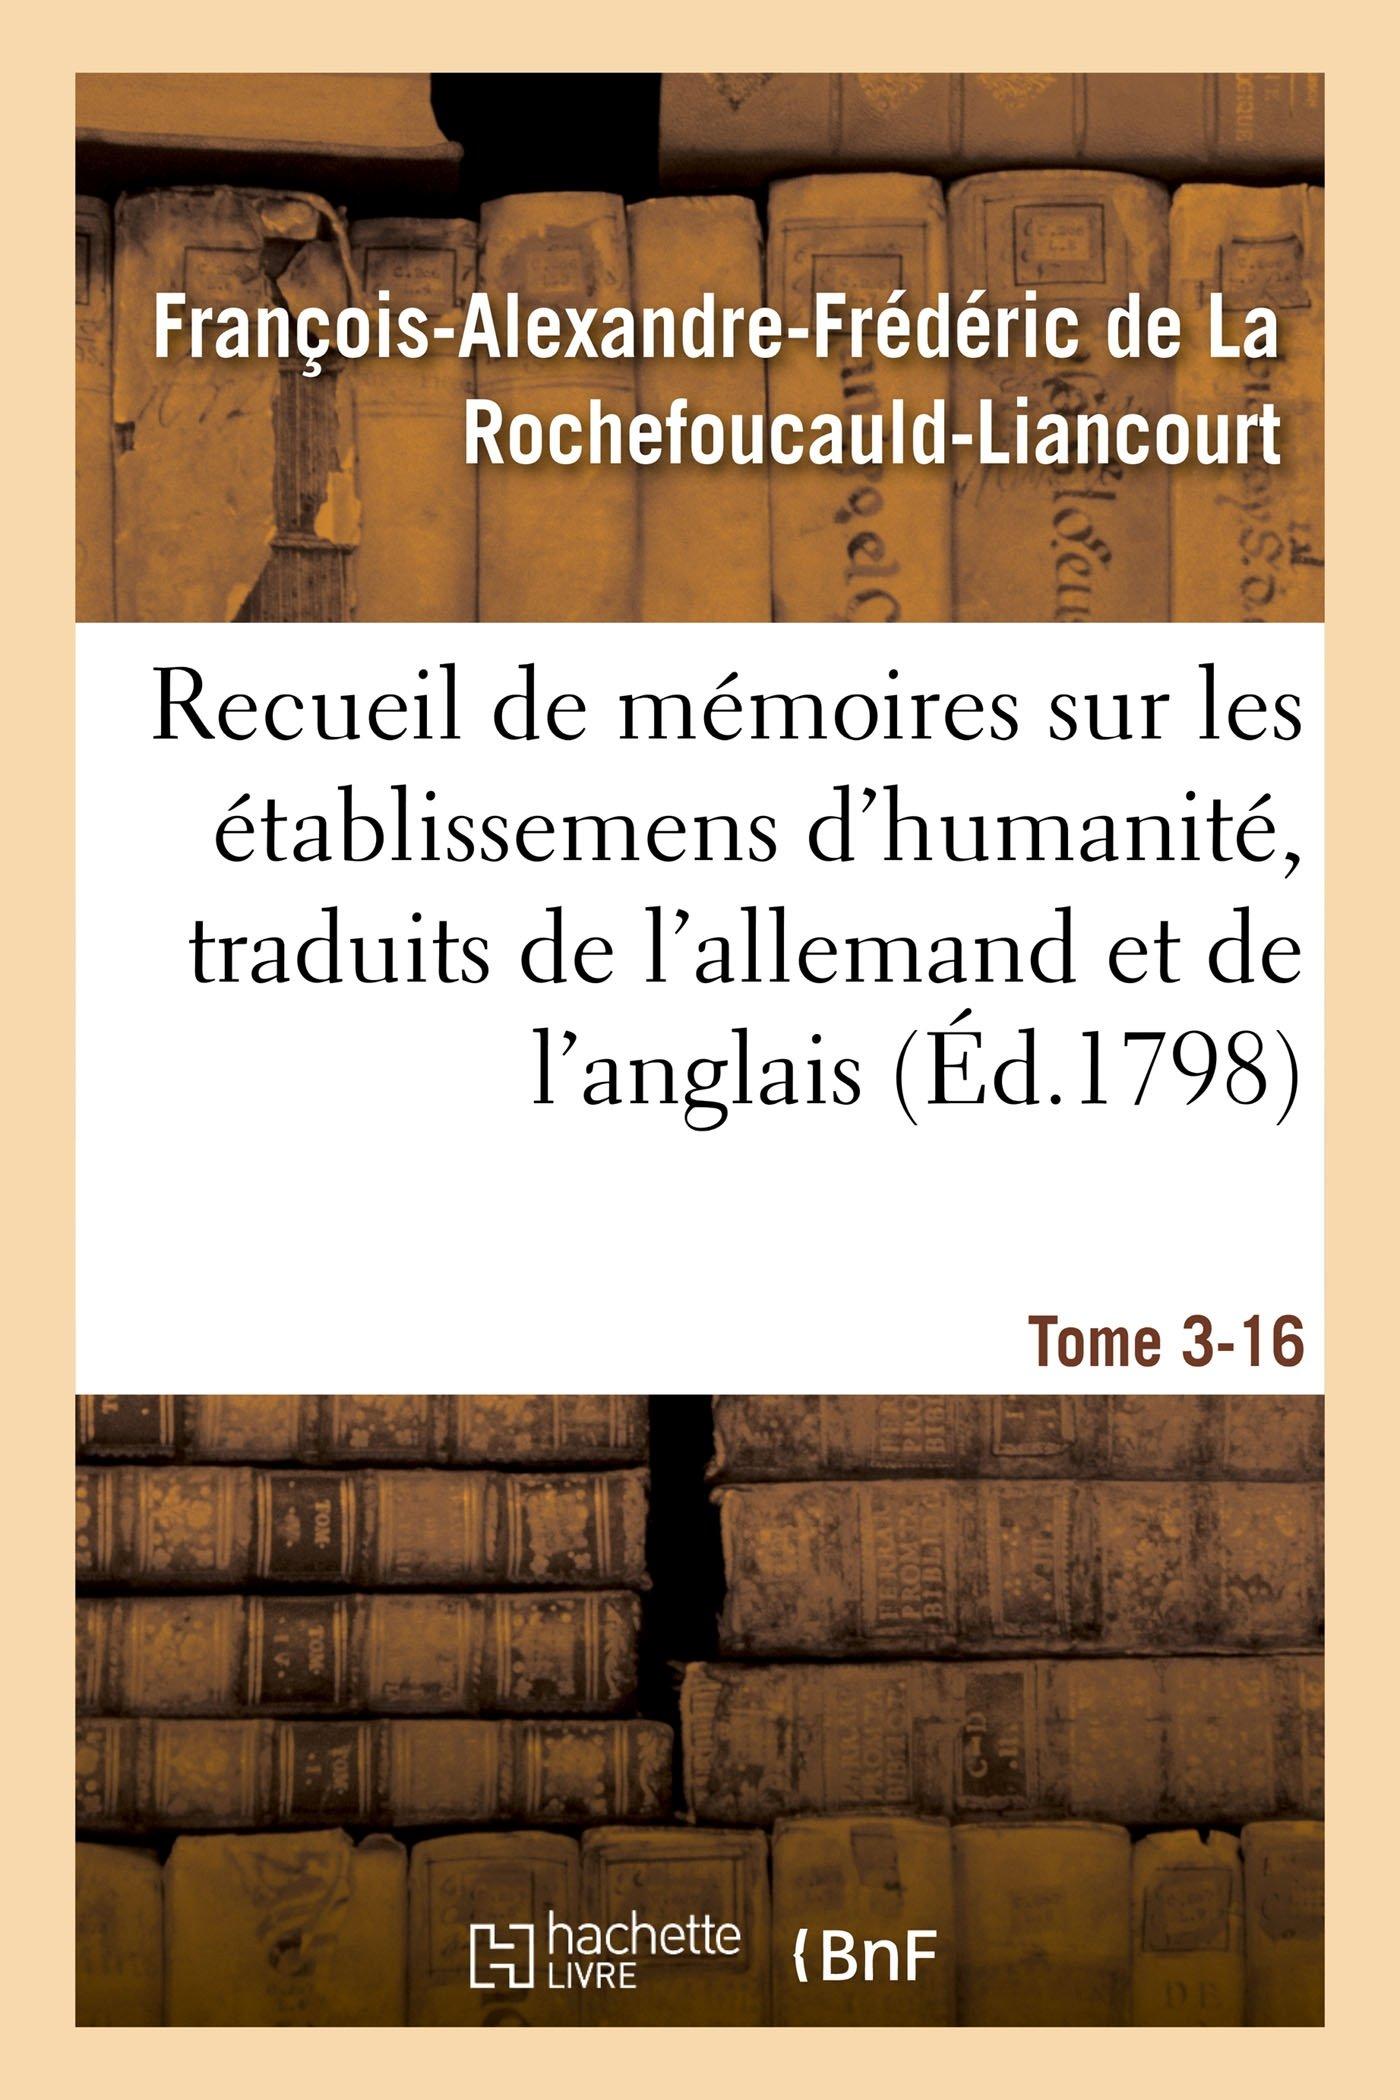 Recueil de Mémoires Sur Les Établissemens d'Humanité, Vol. 3, Mémoire N° 16 (Sciences Sociales) (French Edition) ebook